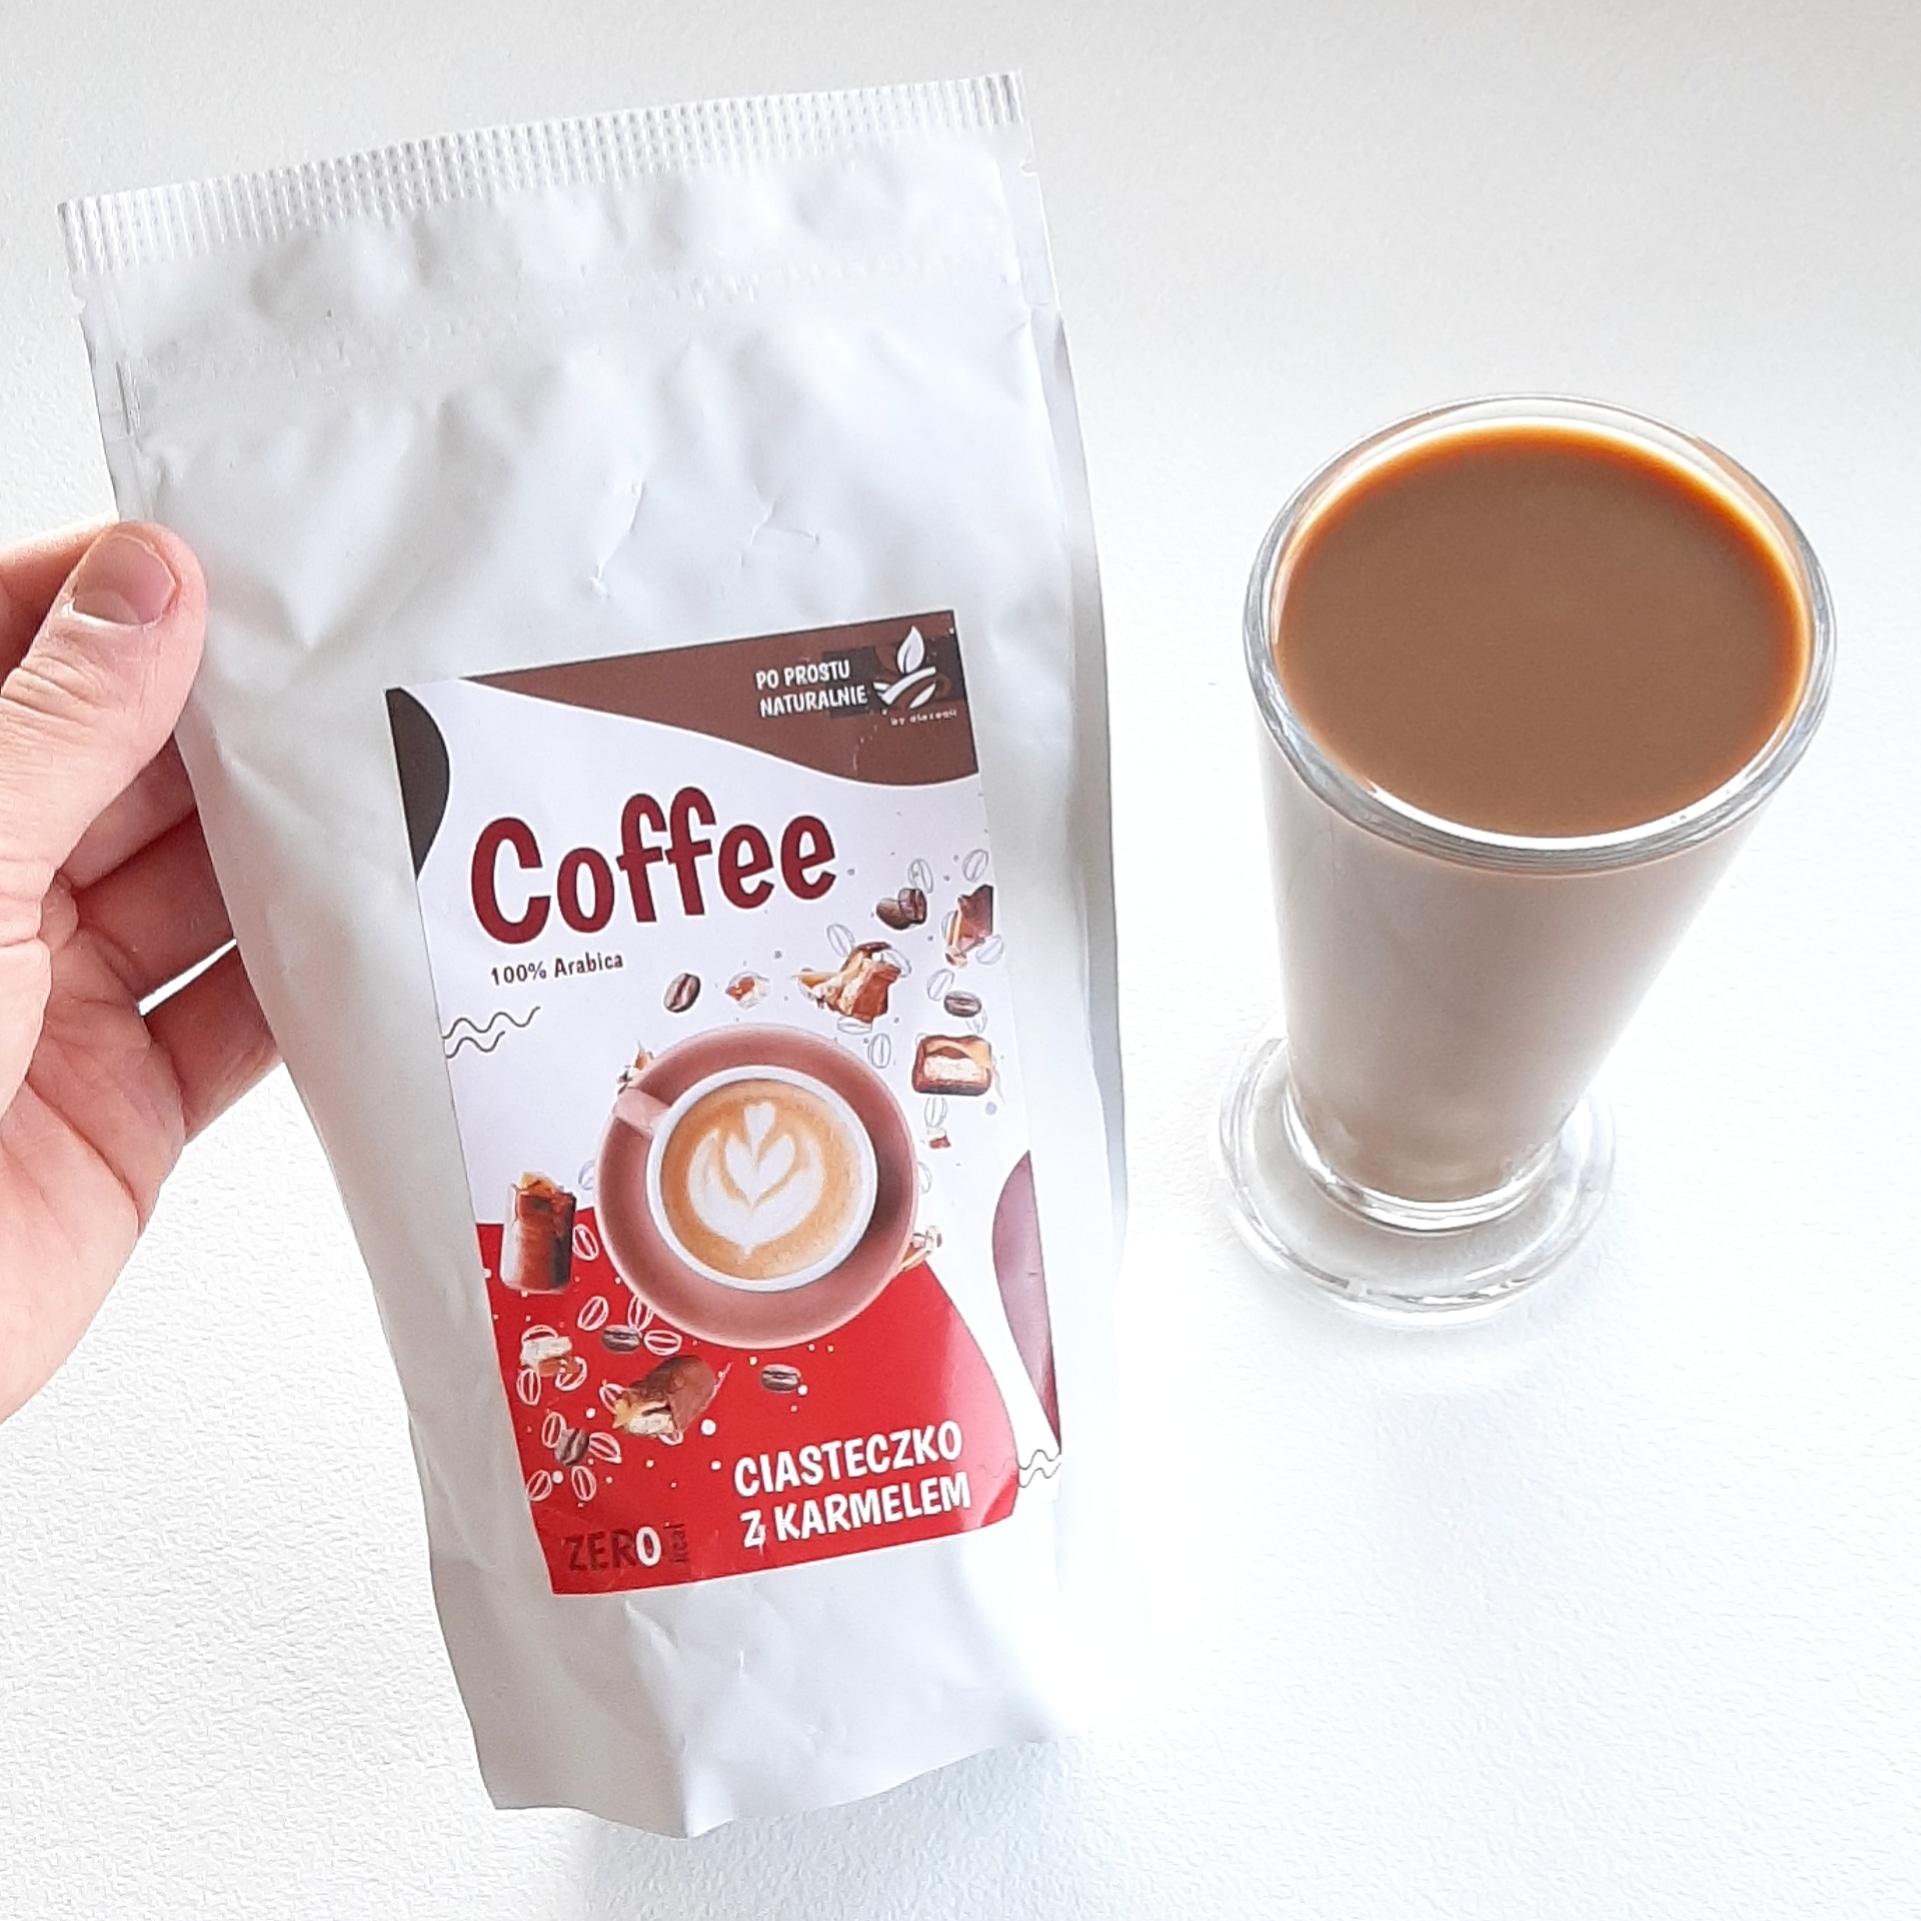 Kawa ciasteczko z karmelem – Po Prostu Naturalnie